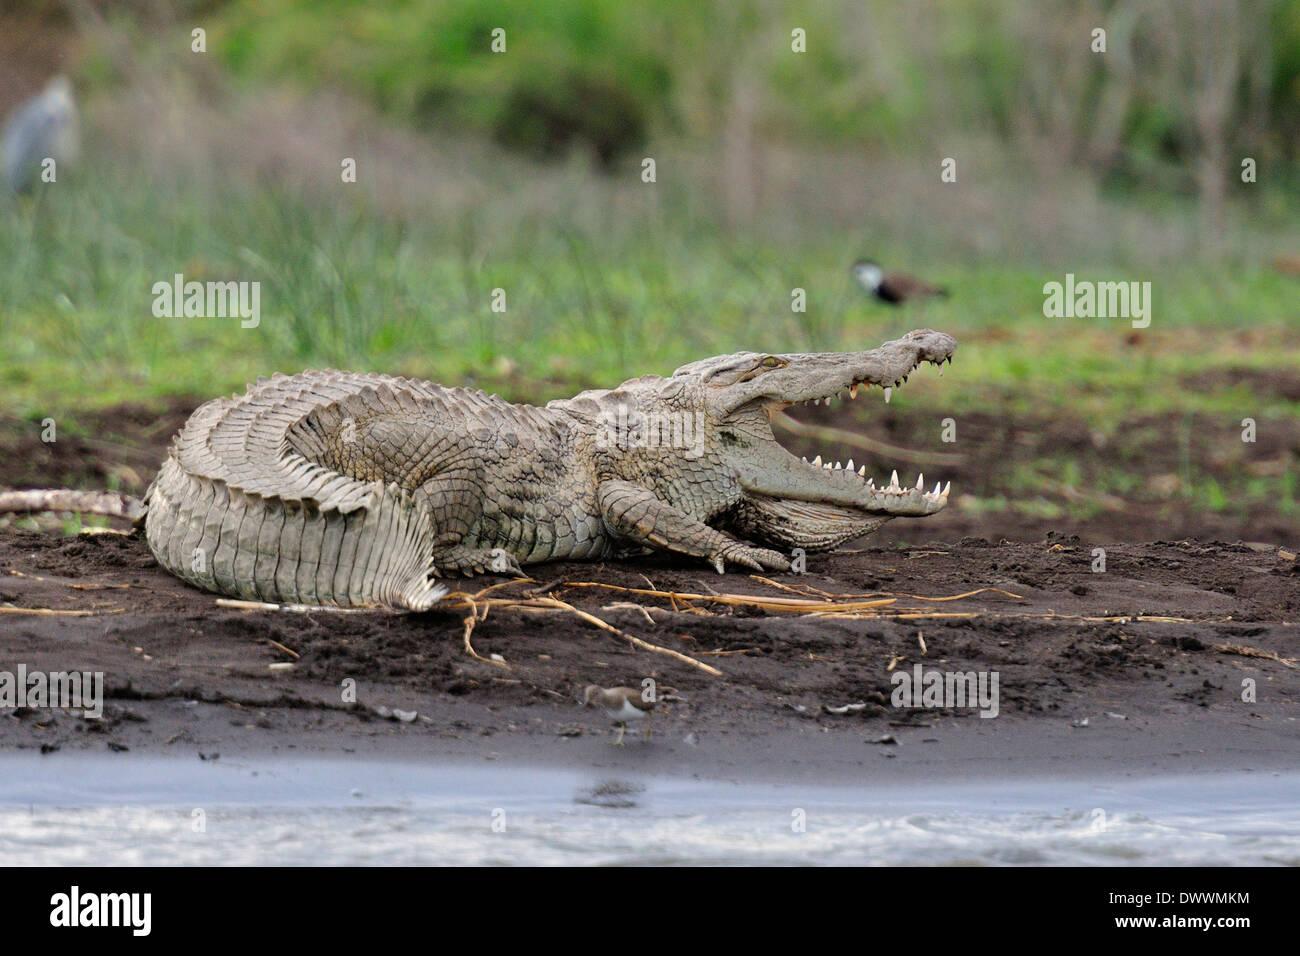 Nile crocodile Crocodylus niloticus, Crocodylidae, Chawo Lake, Nechisar National Park, Arna Minch, Ethiopia, Africa - Stock Image